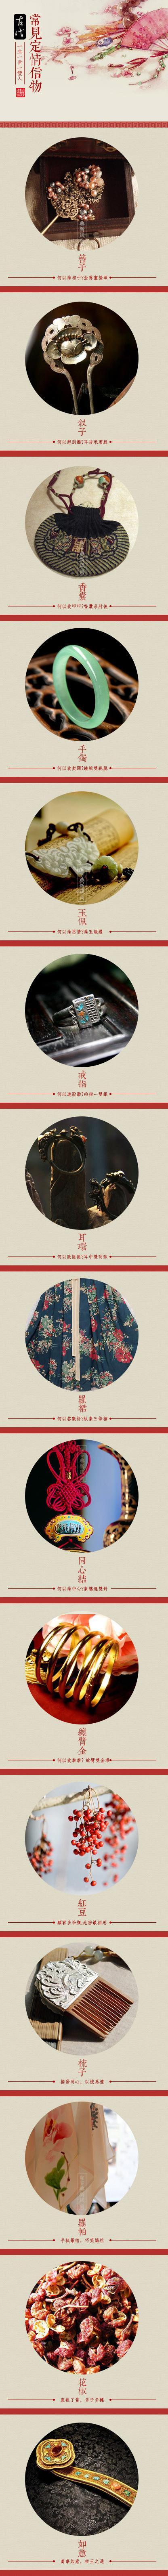 中国古代十大定情信物